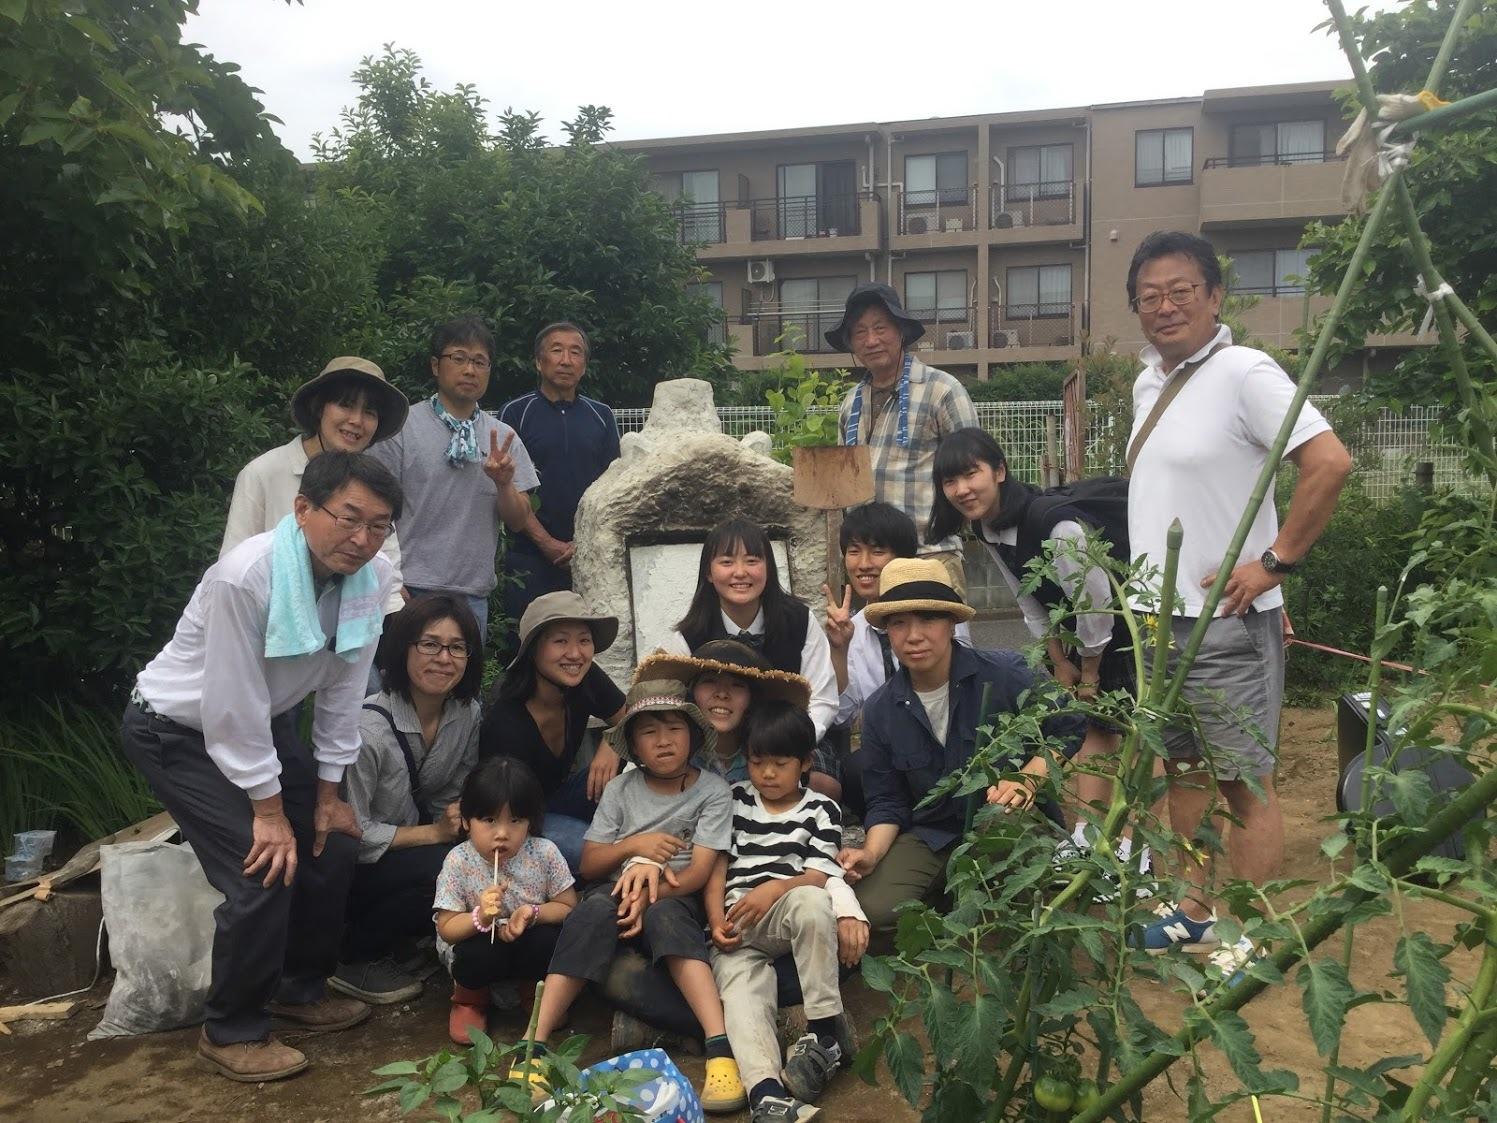 2019年6月10日(月)ジャガイモ掘り中止→17日(月)予定_c0091679_07573428.jpg